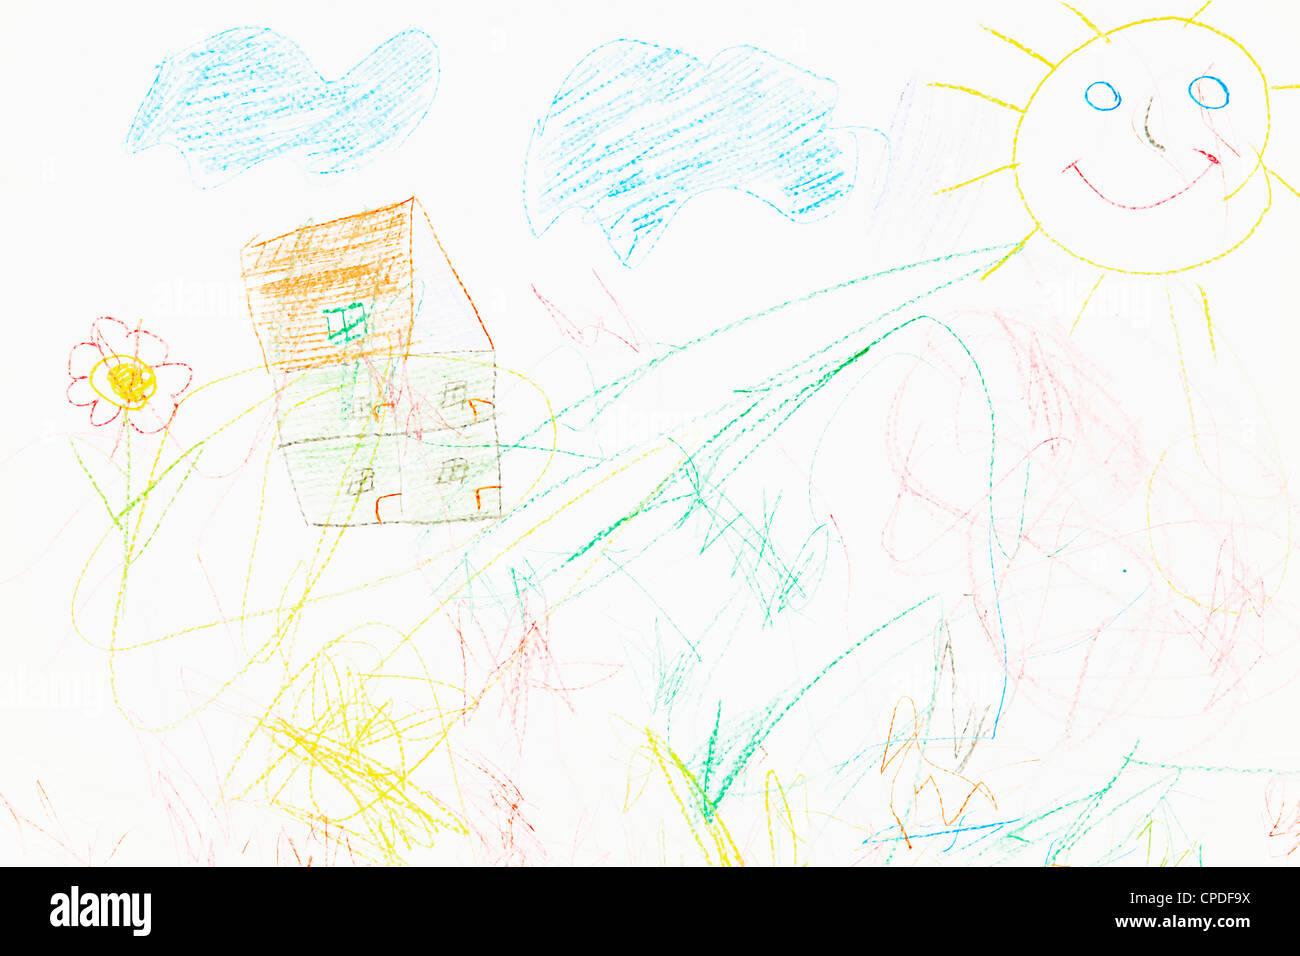 Line Art Of Sun : Drawing pencil sun stock photos & images